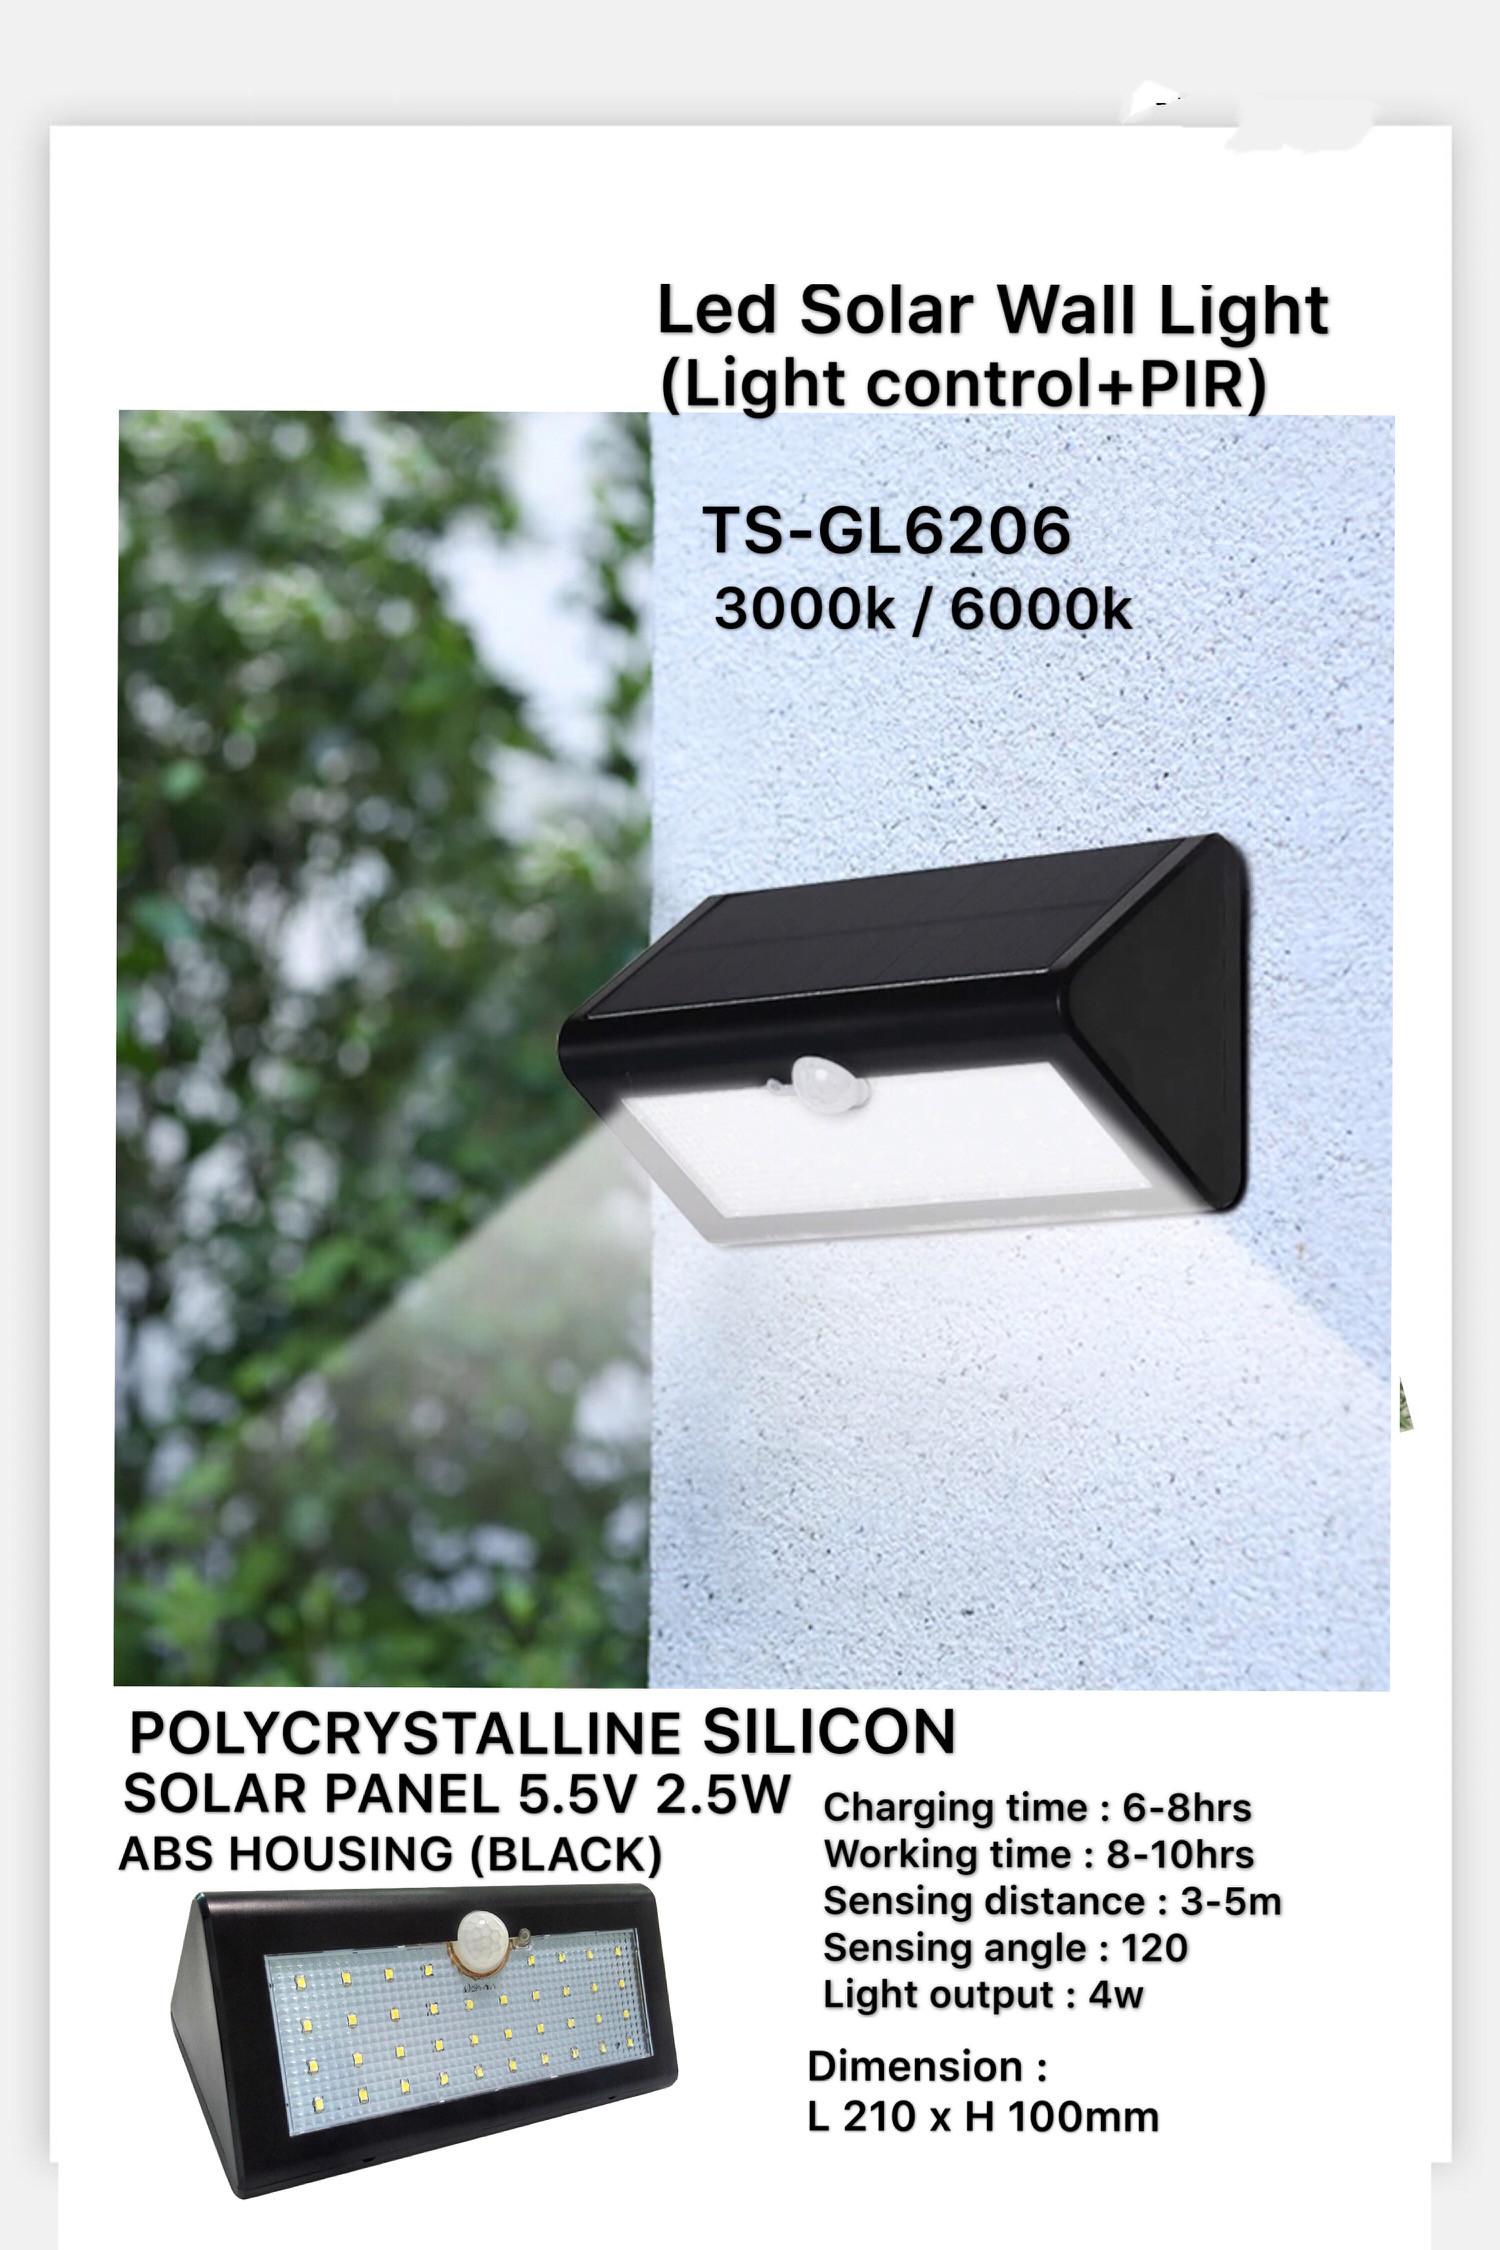 TS-GL6206-3000K/6000K